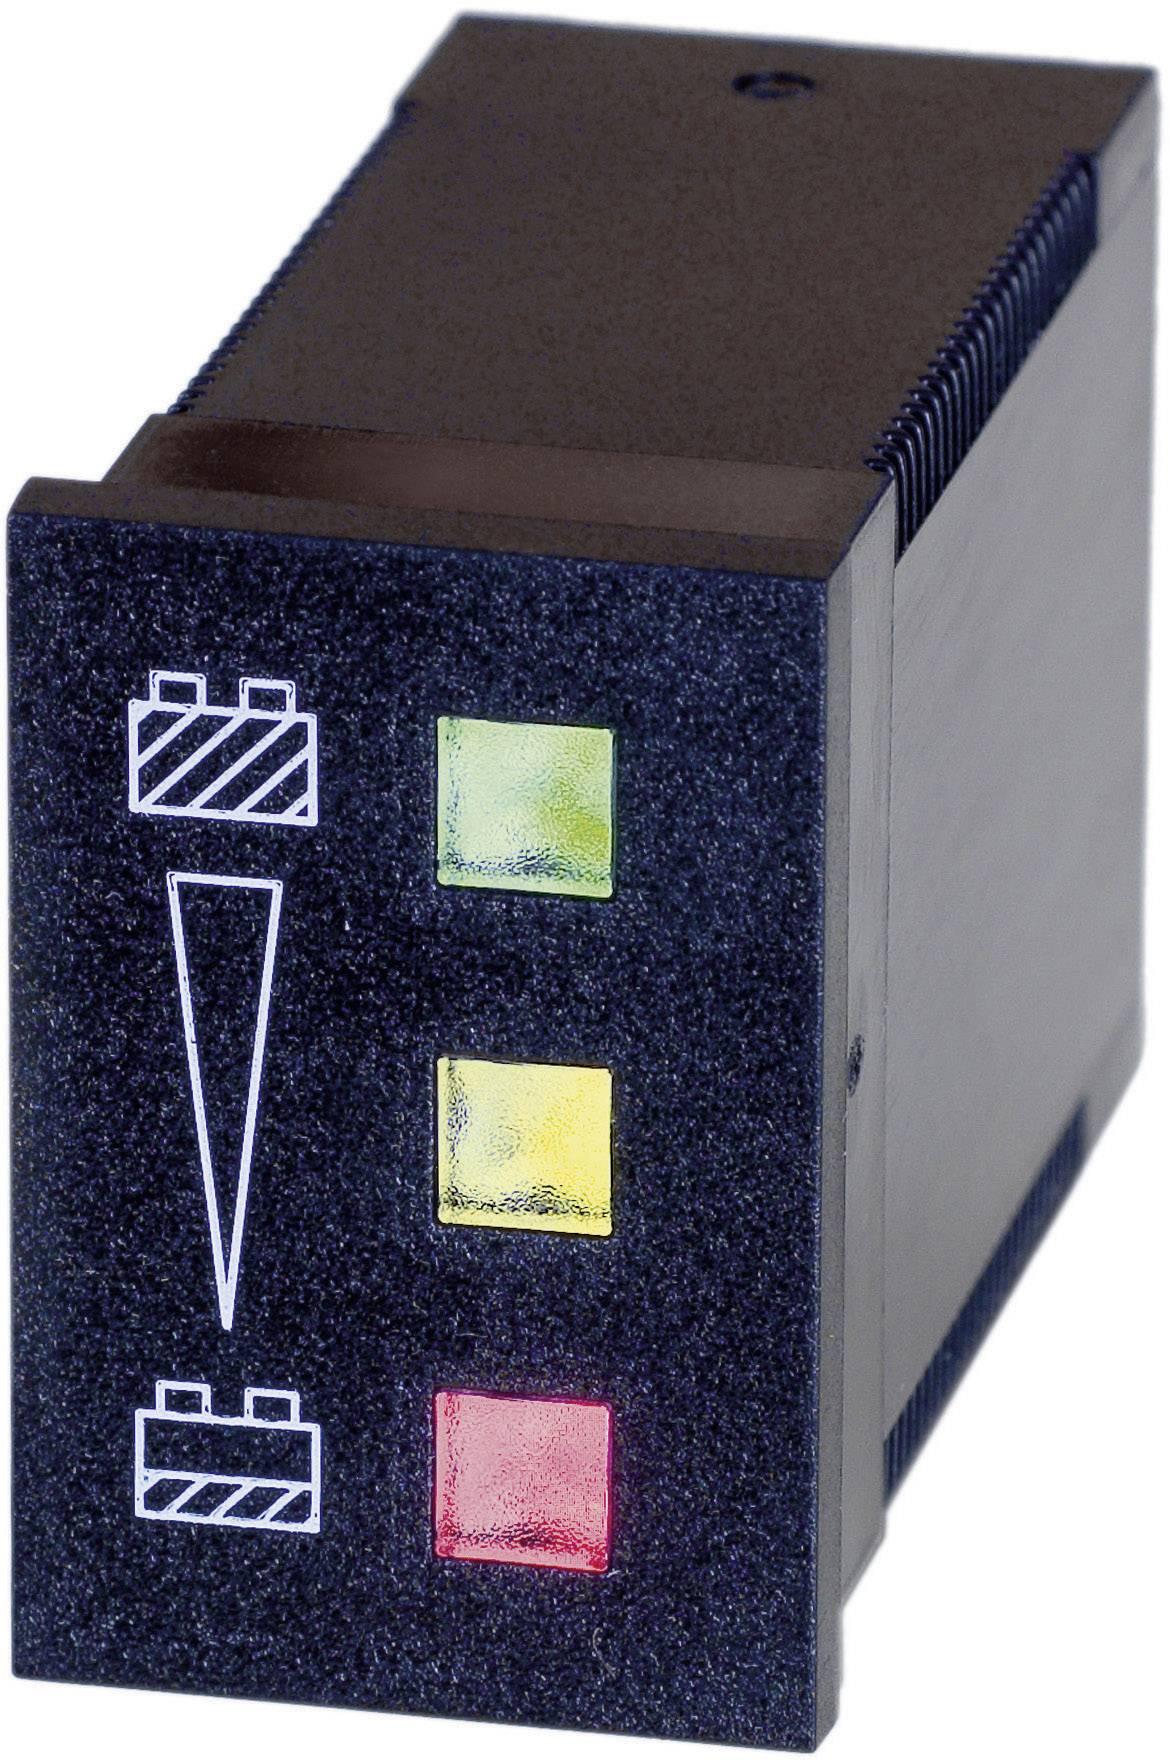 Monitorovanie batérií Bauser 824 12 V